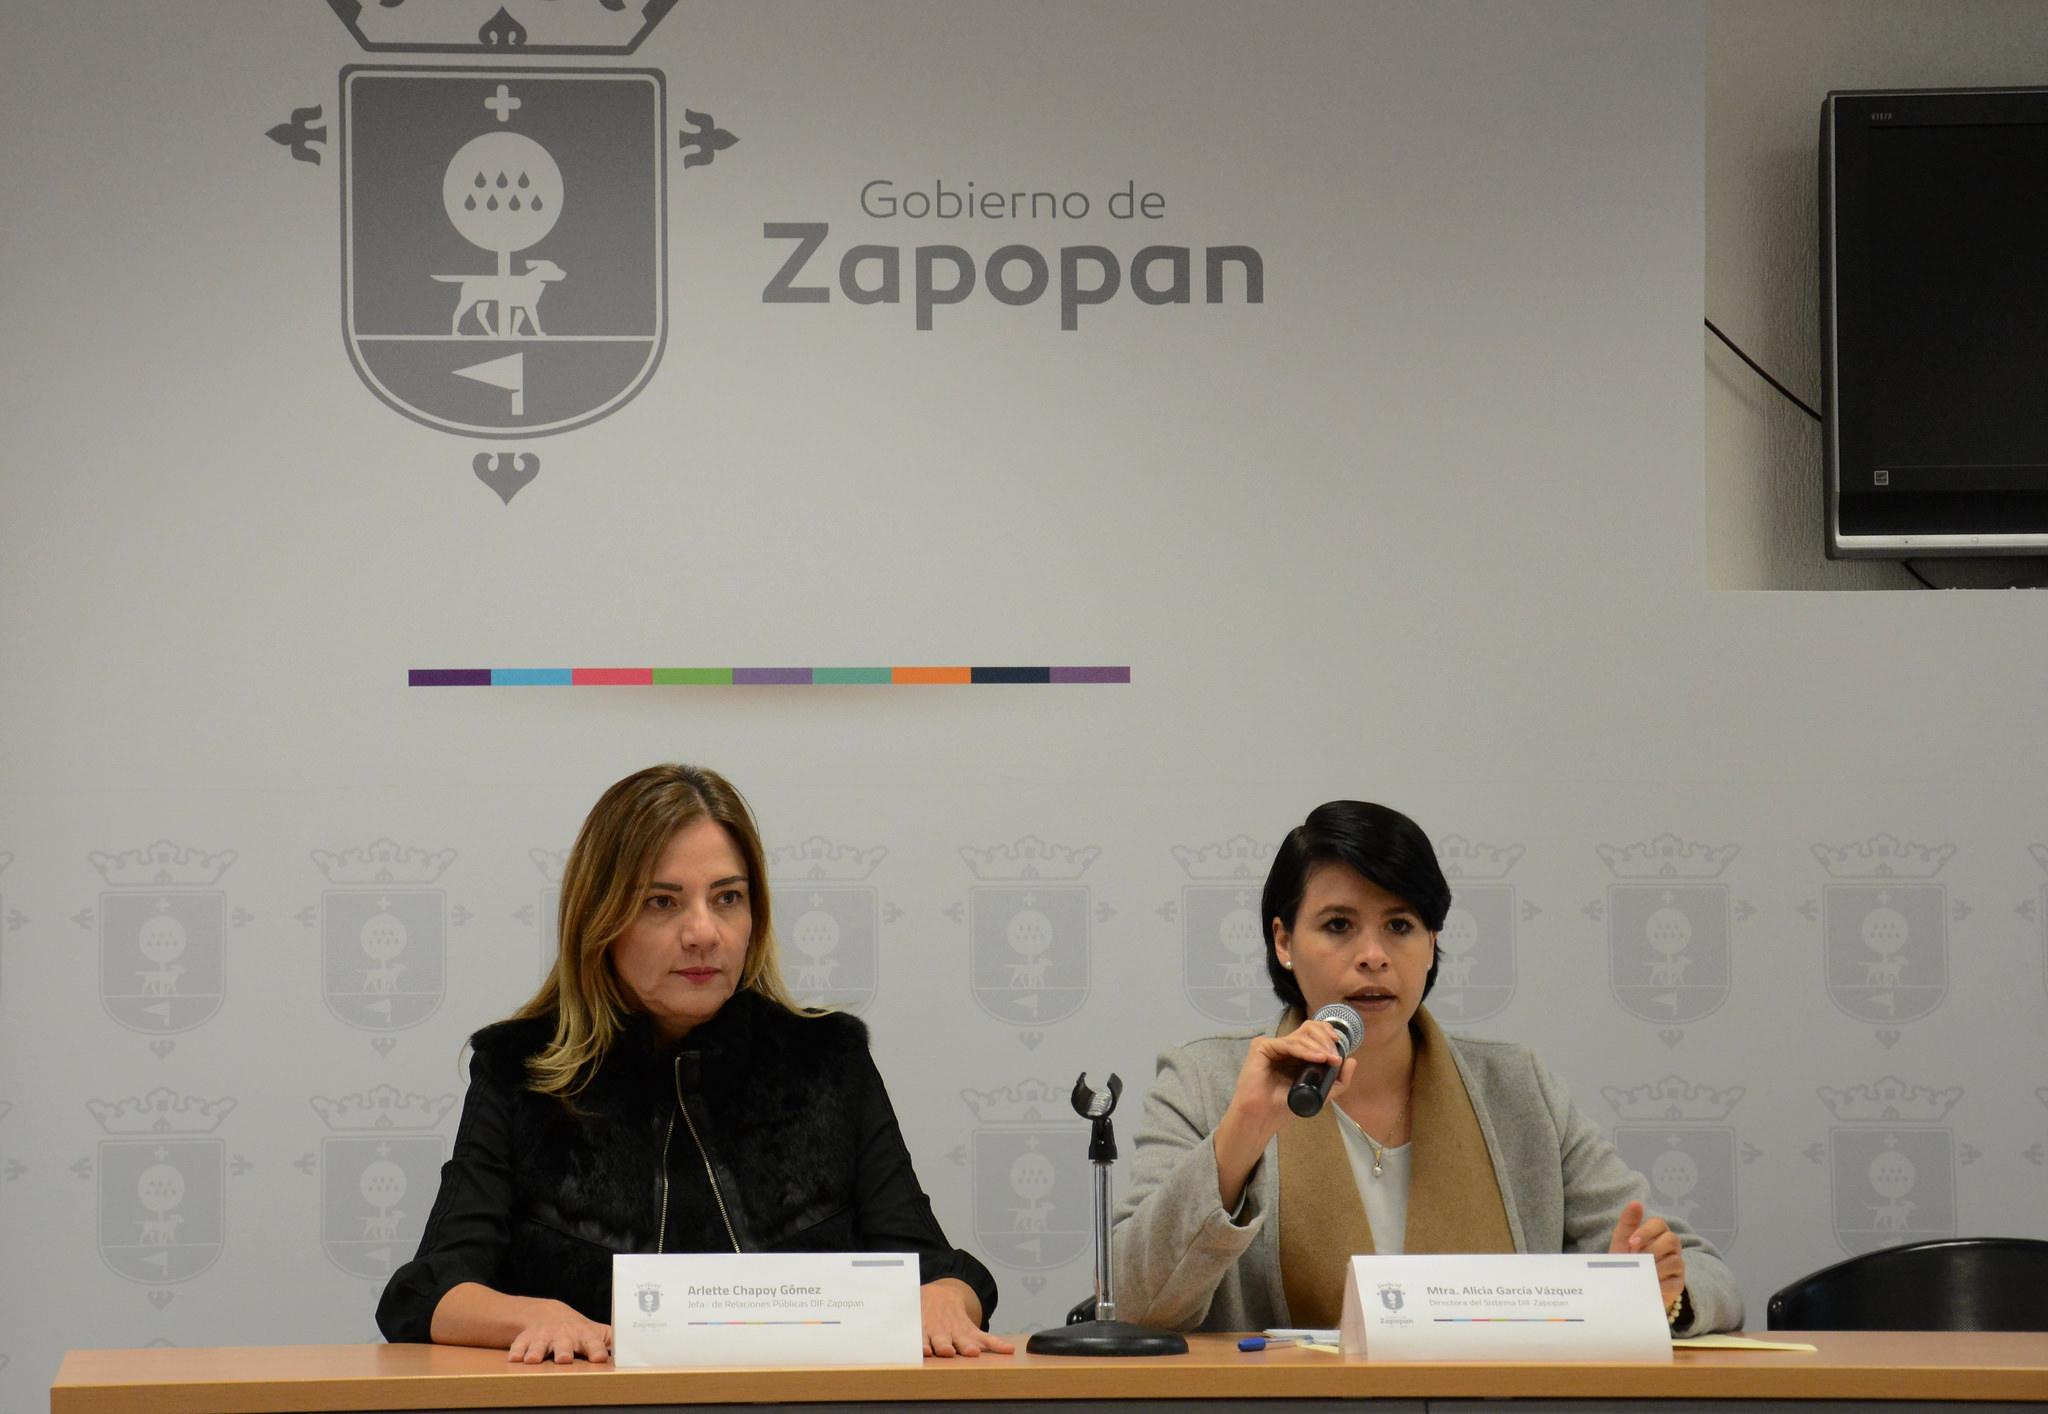 Atiende Zapopan a personas vulnerables, migrantes o en situación de calle con el Operativo Invernal 2016